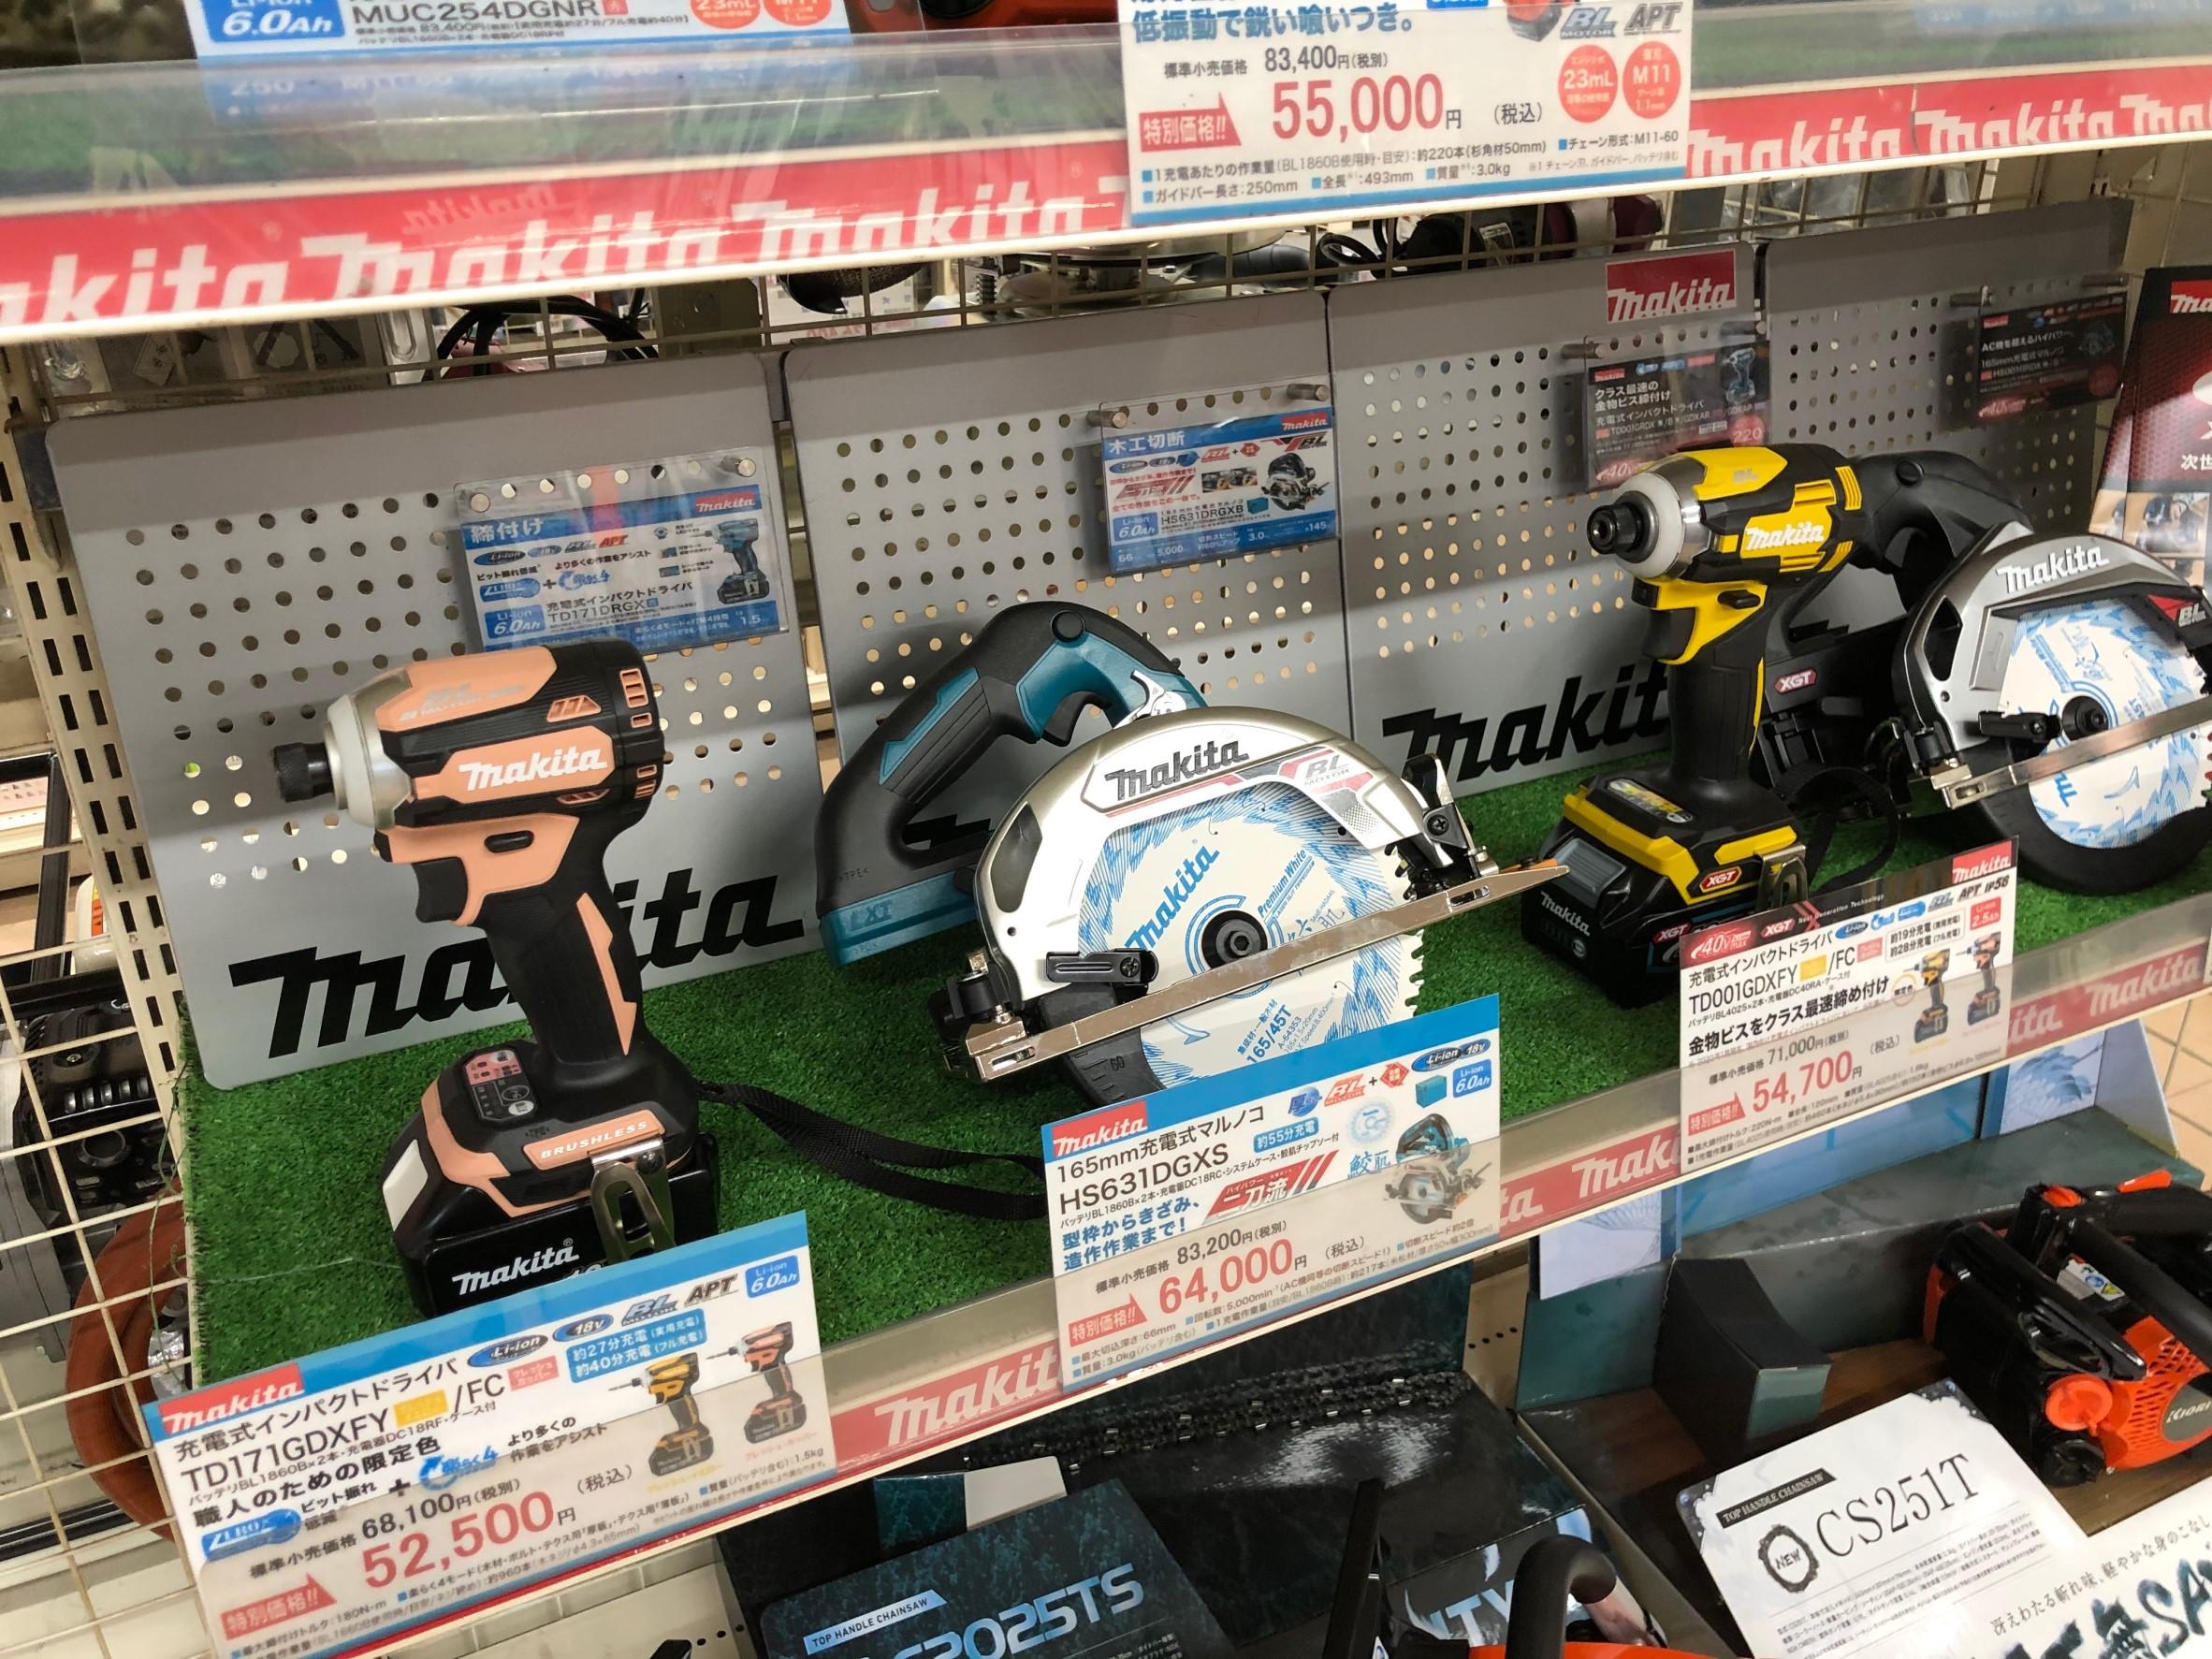 電動工具メーカ『makita』★